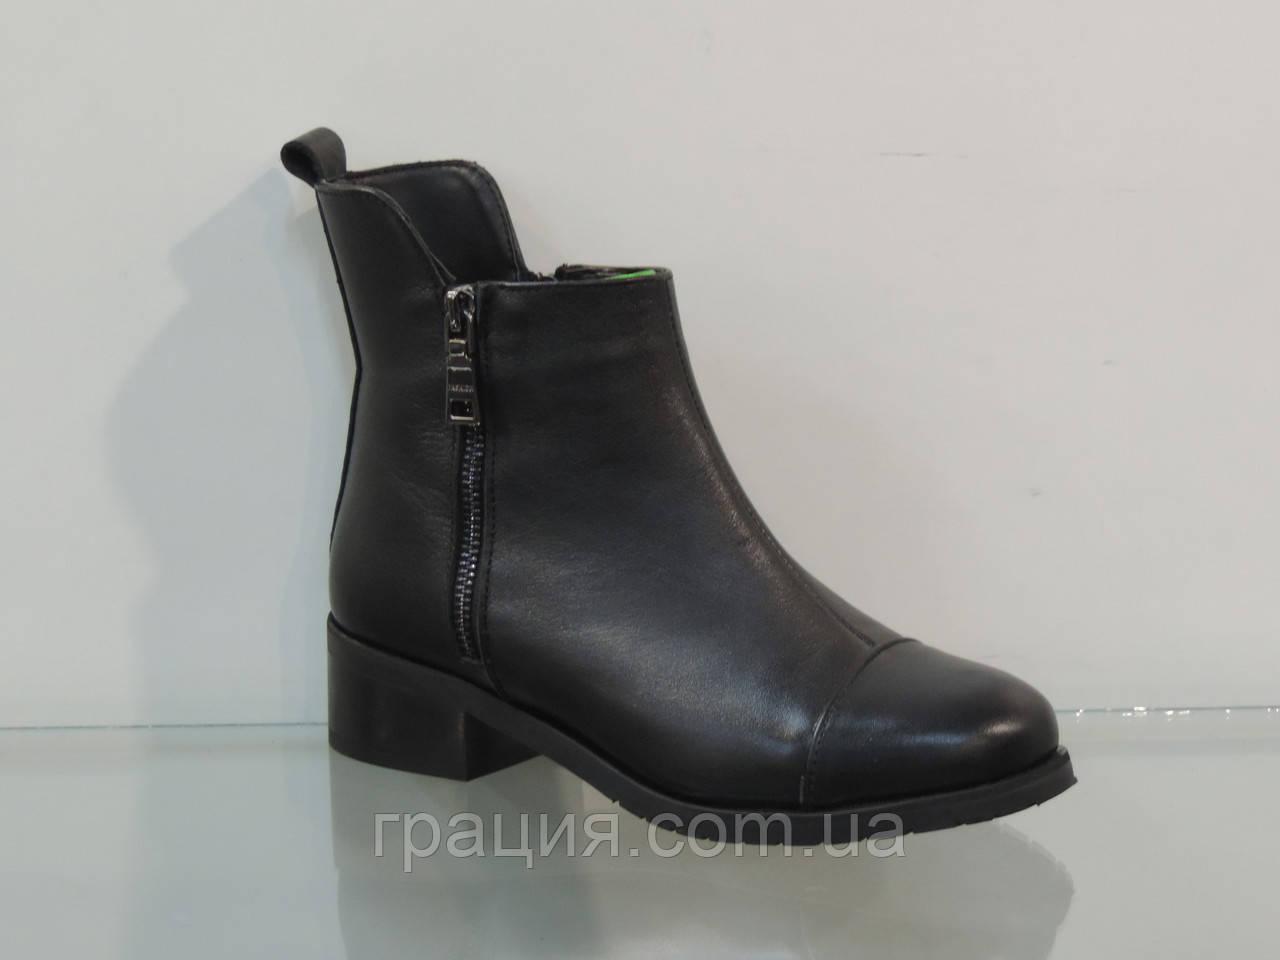 Стильні молодіжні шкіряні зимові черевики